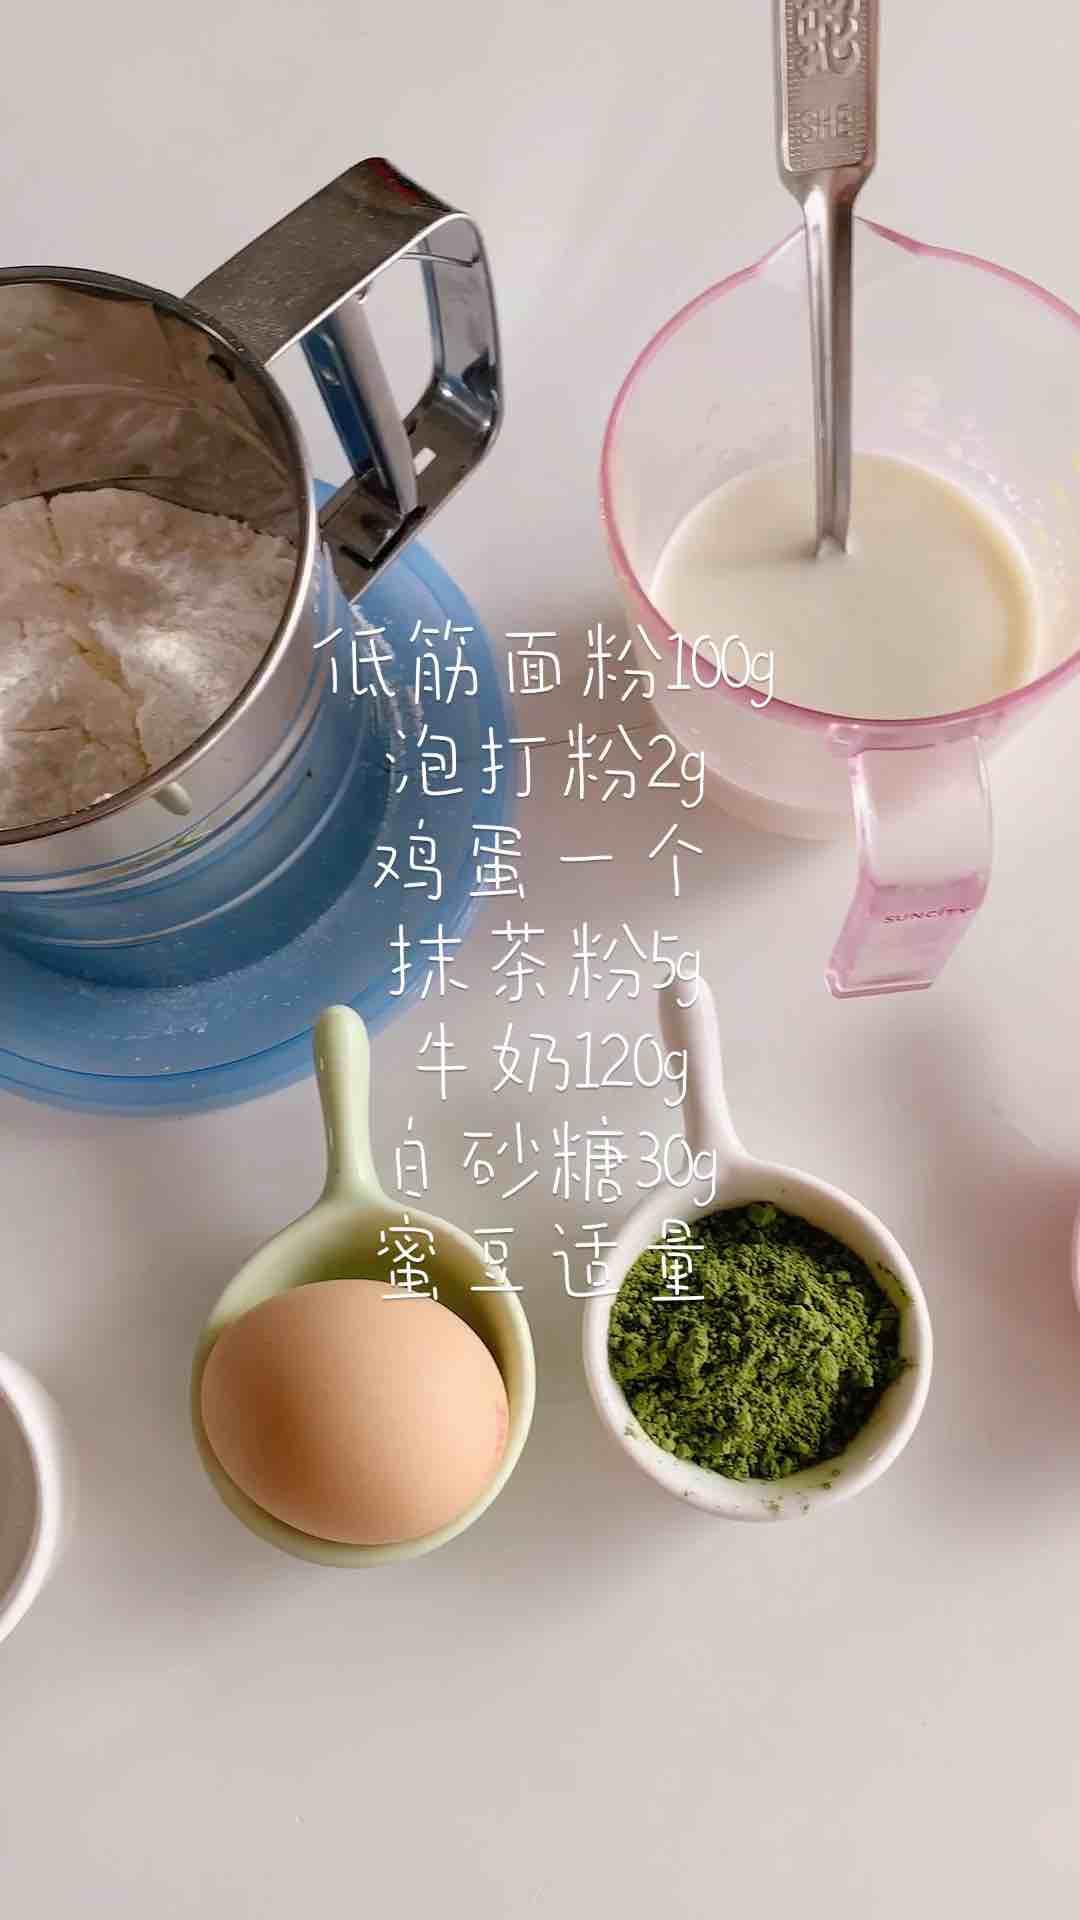 软香Q弹的蜜豆抹茶蒸蛋糕的做法大全